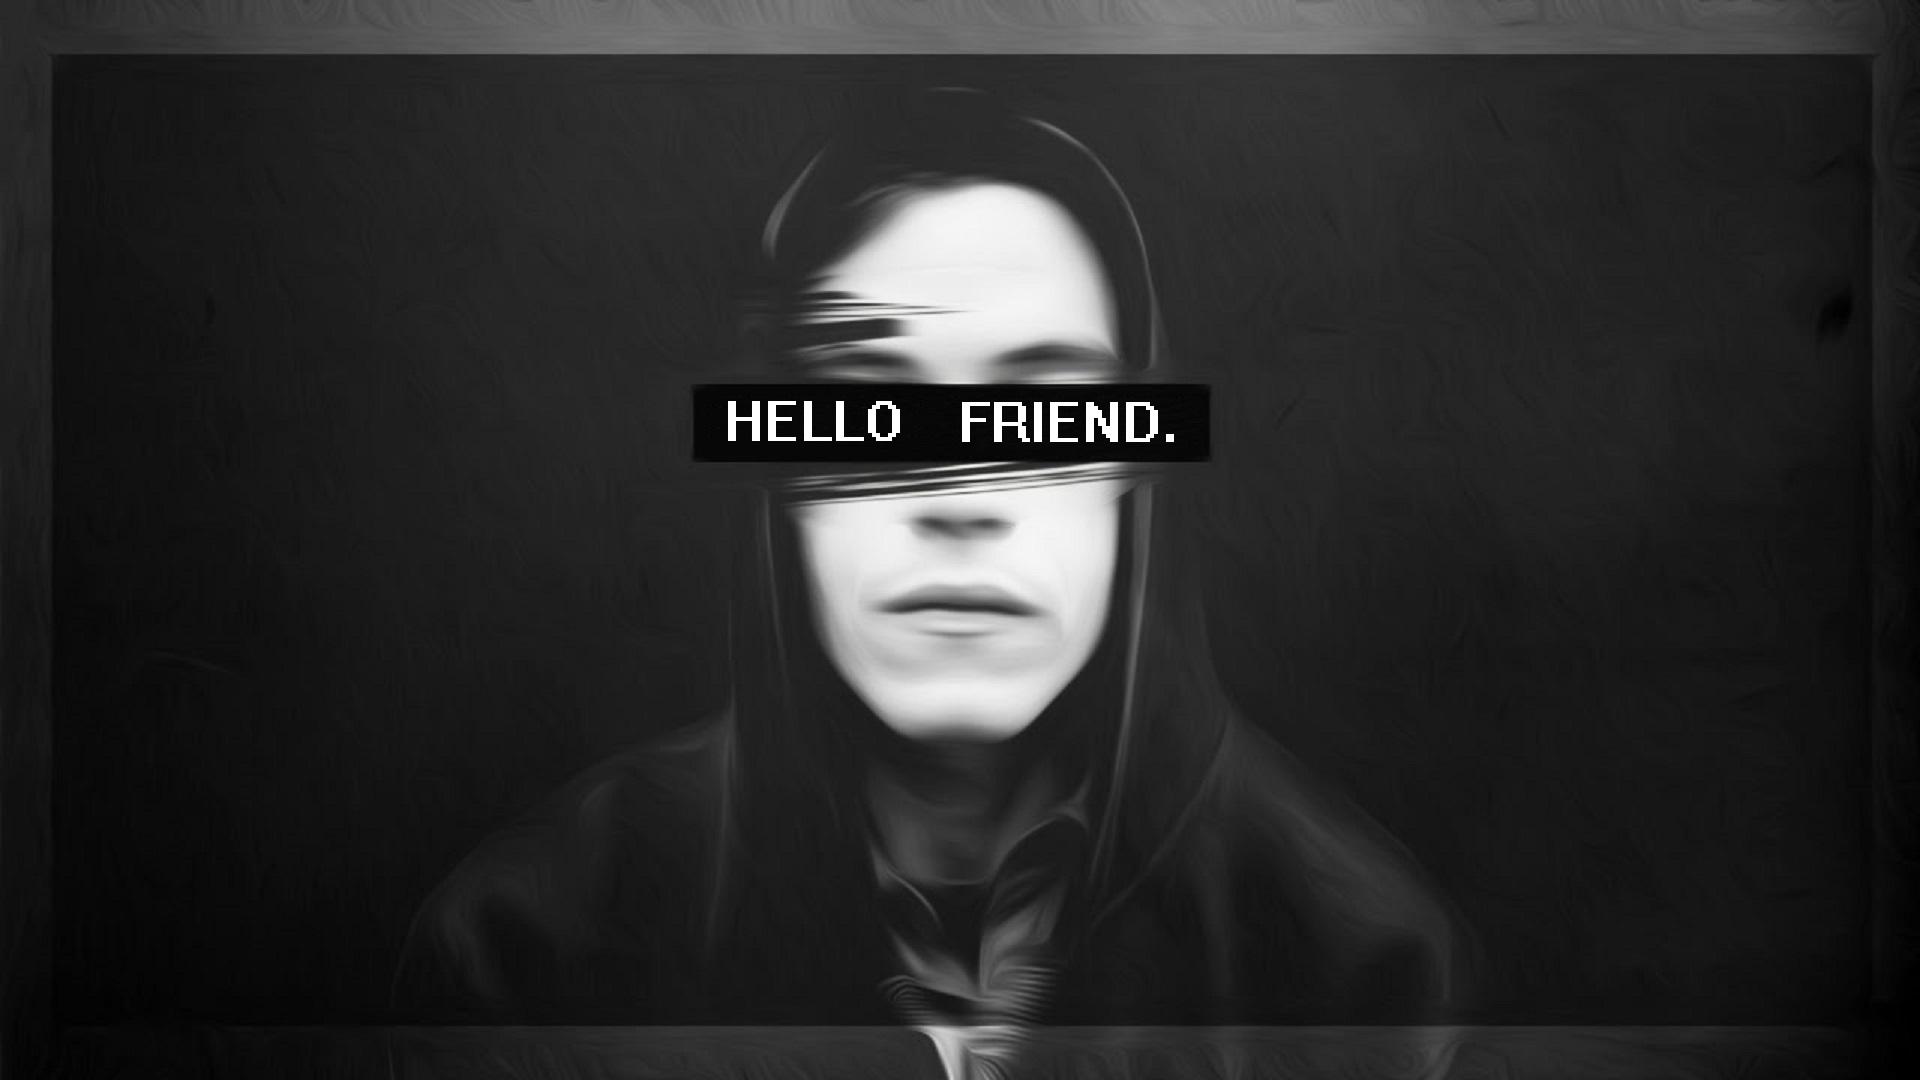 Wallpaper Mr Robot Hello Friend 1920x1080 Techguy007a